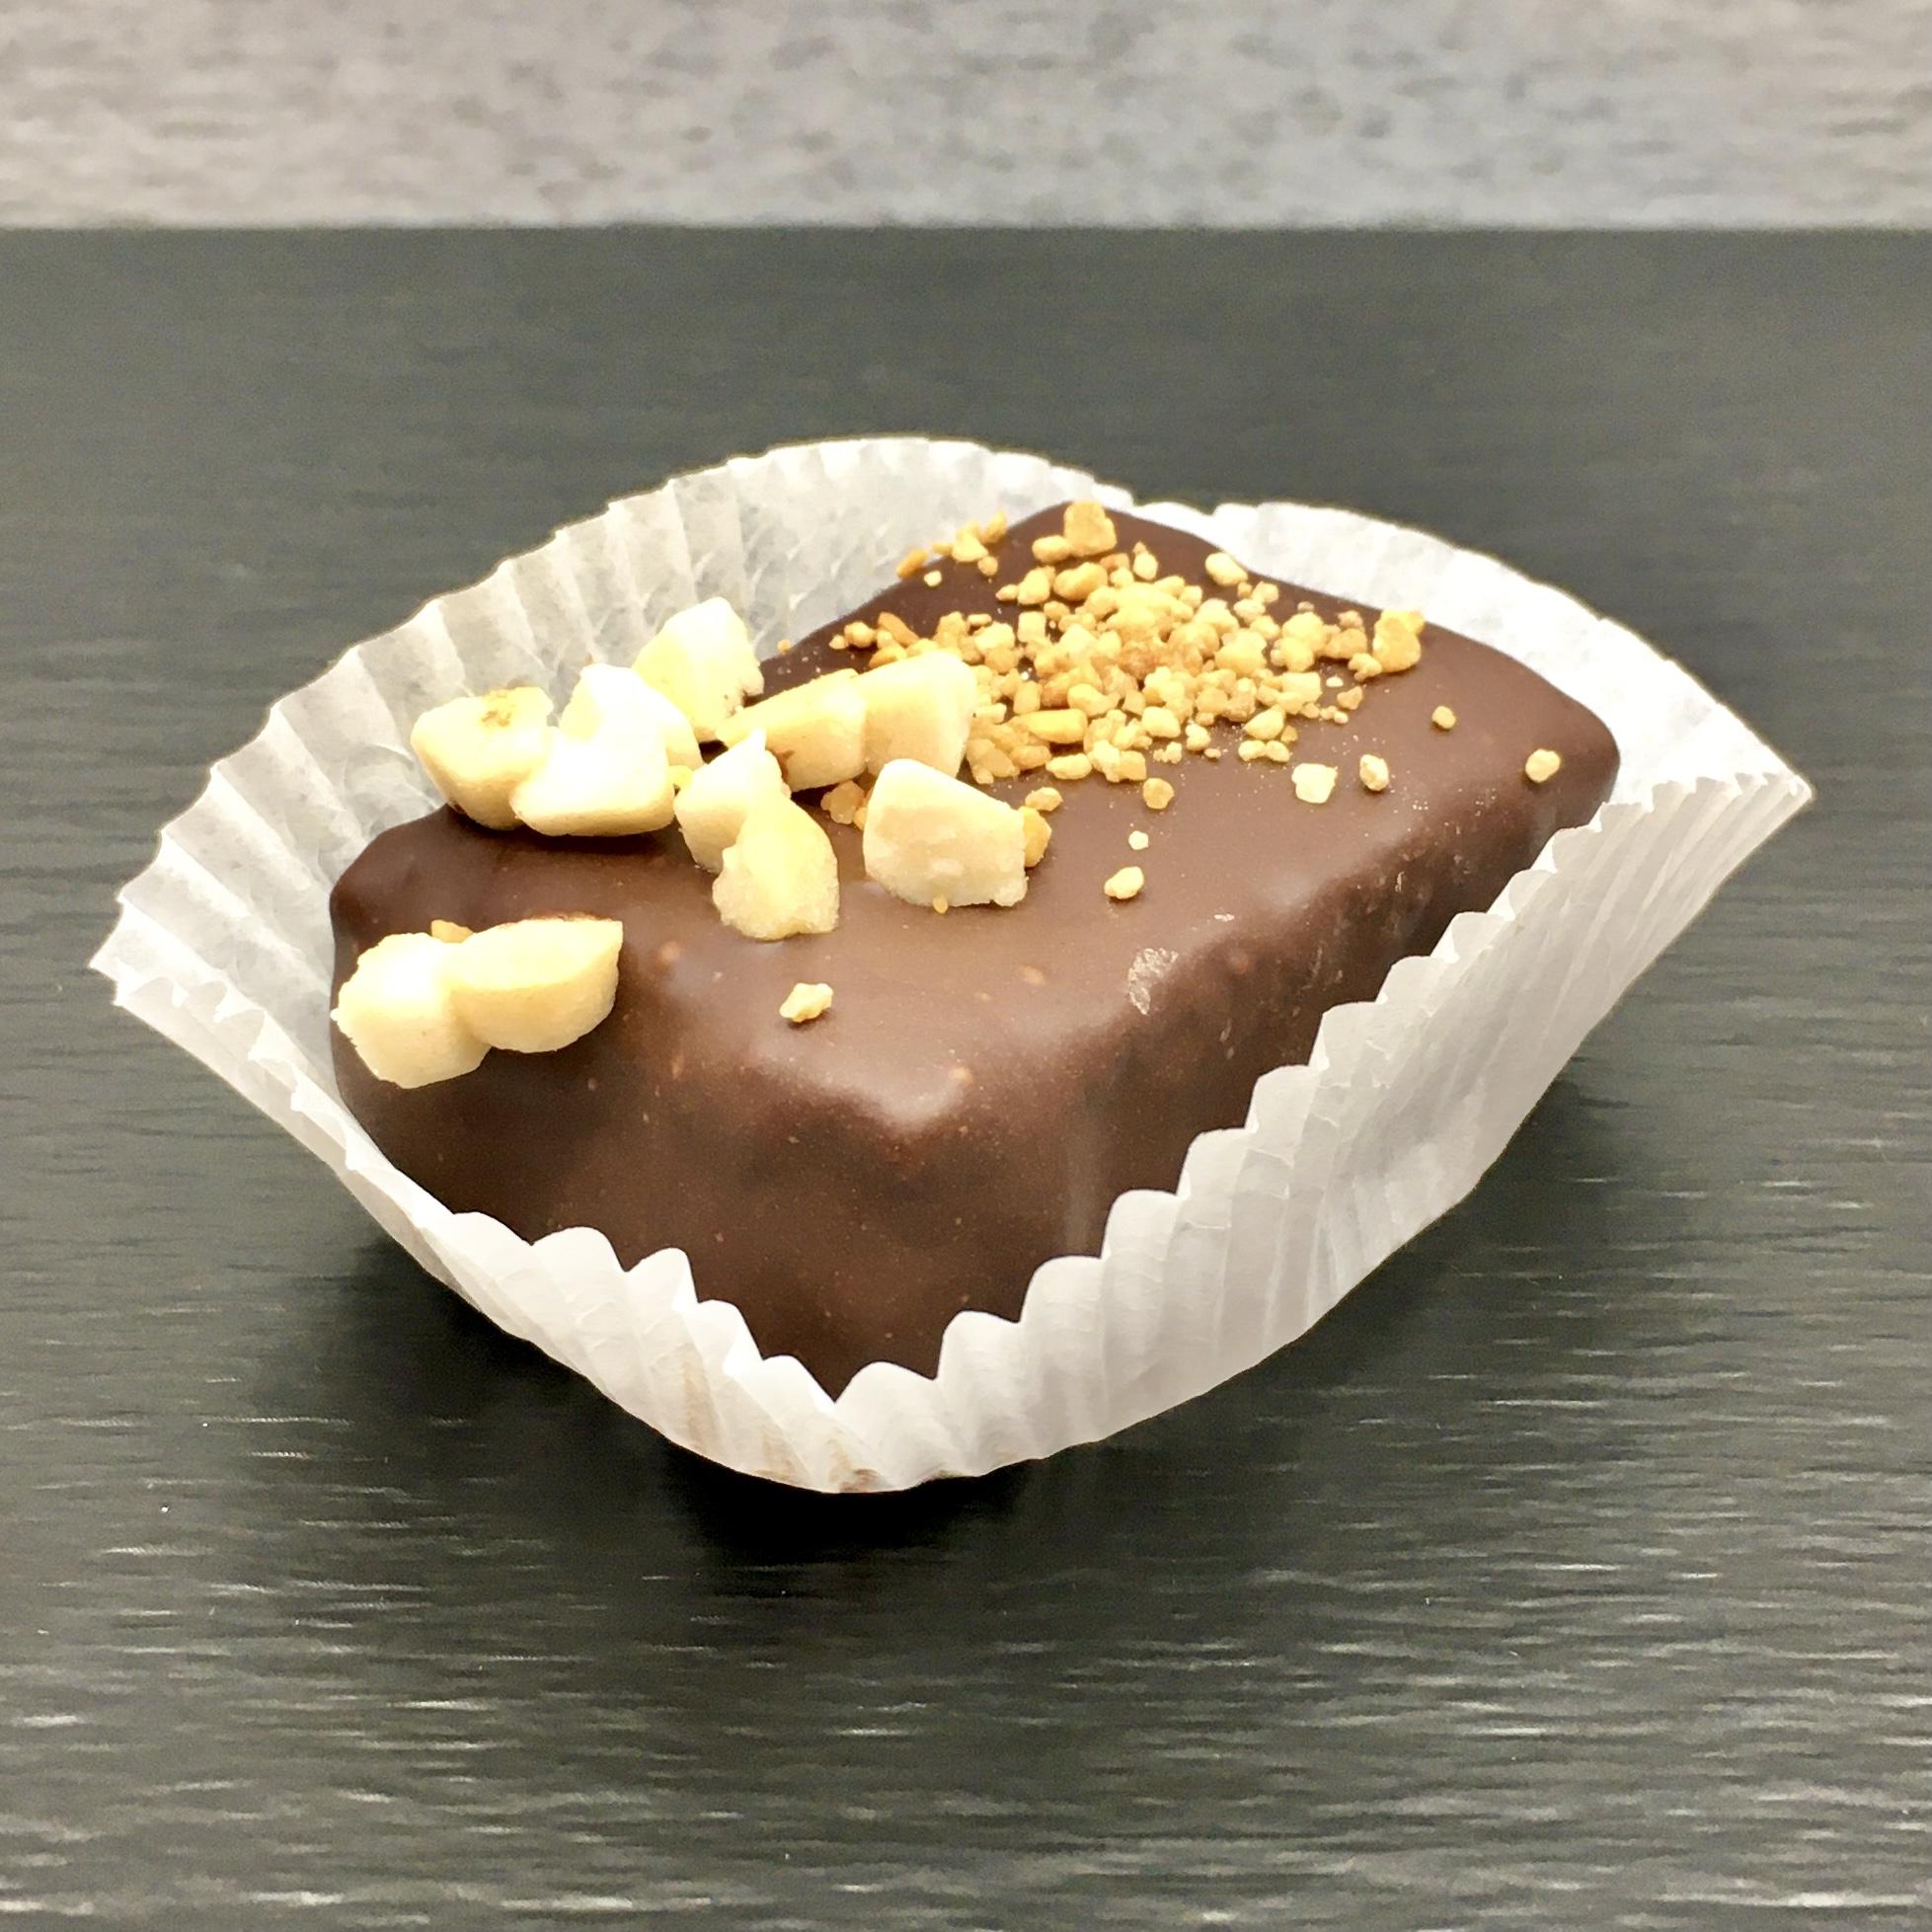 Mandelkrokant macht süchtig. Gibt man noch hochwertige Schokolade dazu, gibt es kaum etwas Wohlschmeckenderes.